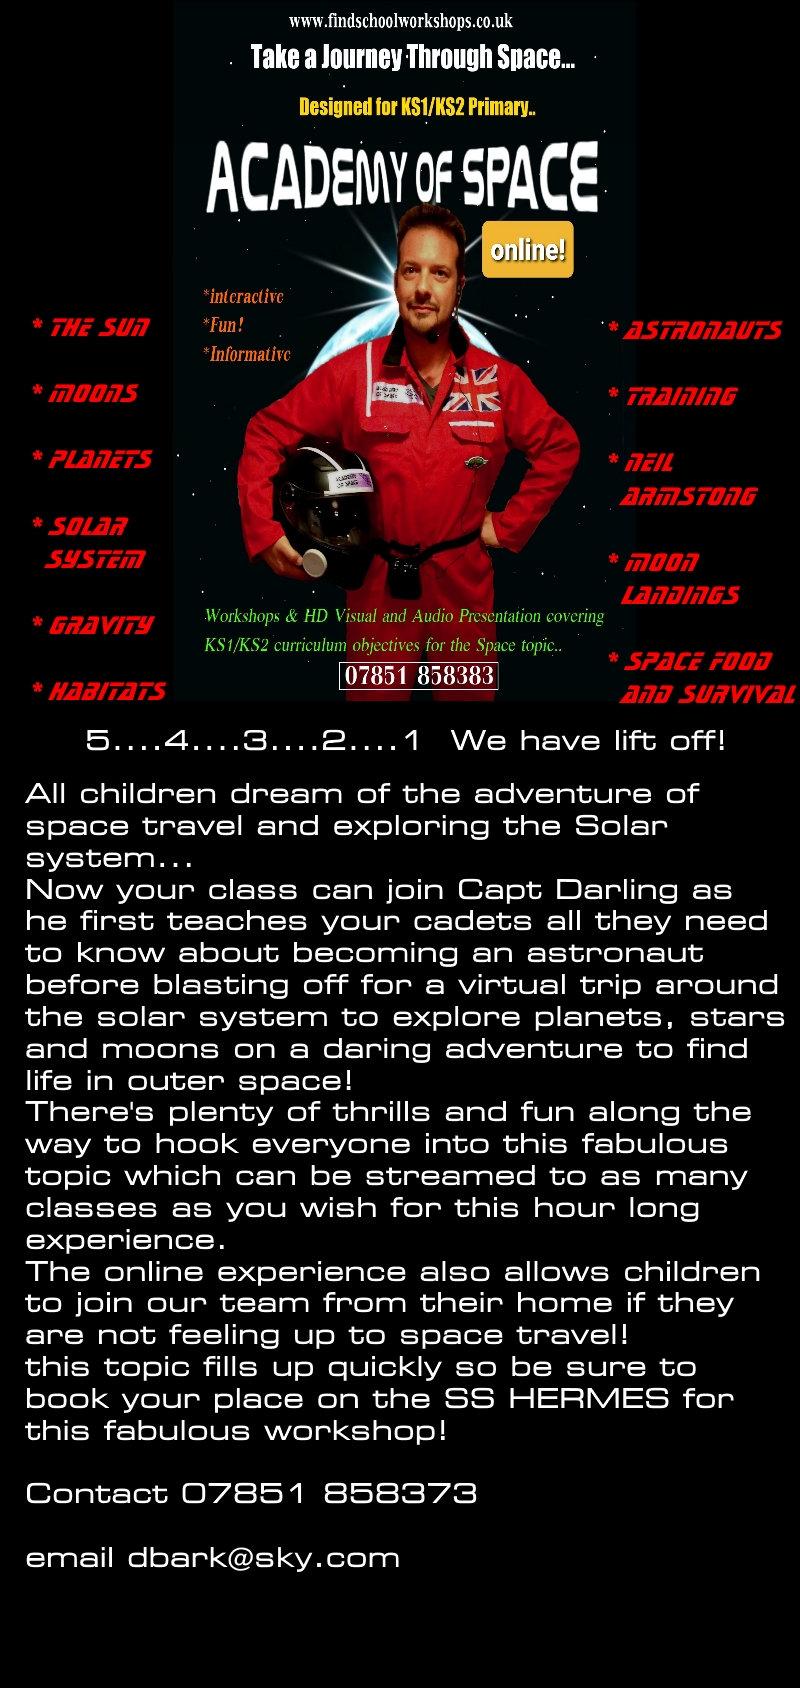 ACADEMY OF SPACE ONLINE WEBPAGE.jpg